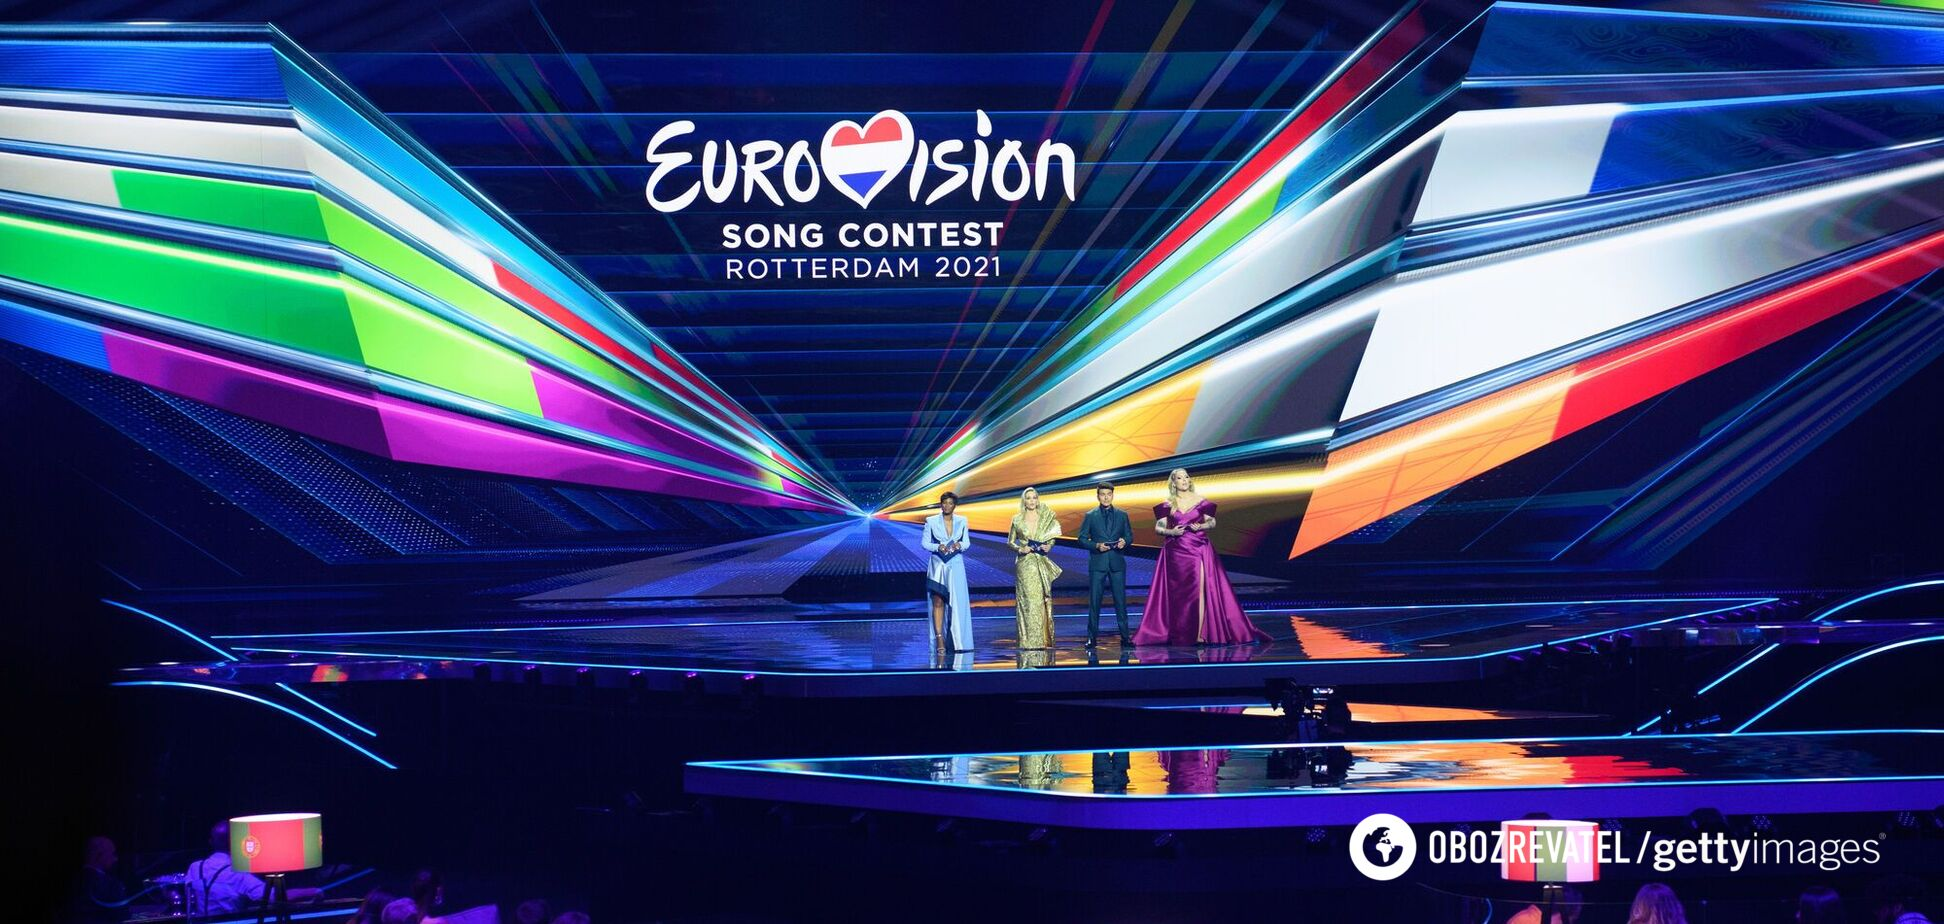 Организаторы Евровидения решили приостановить членство Беларуси в конкурсе